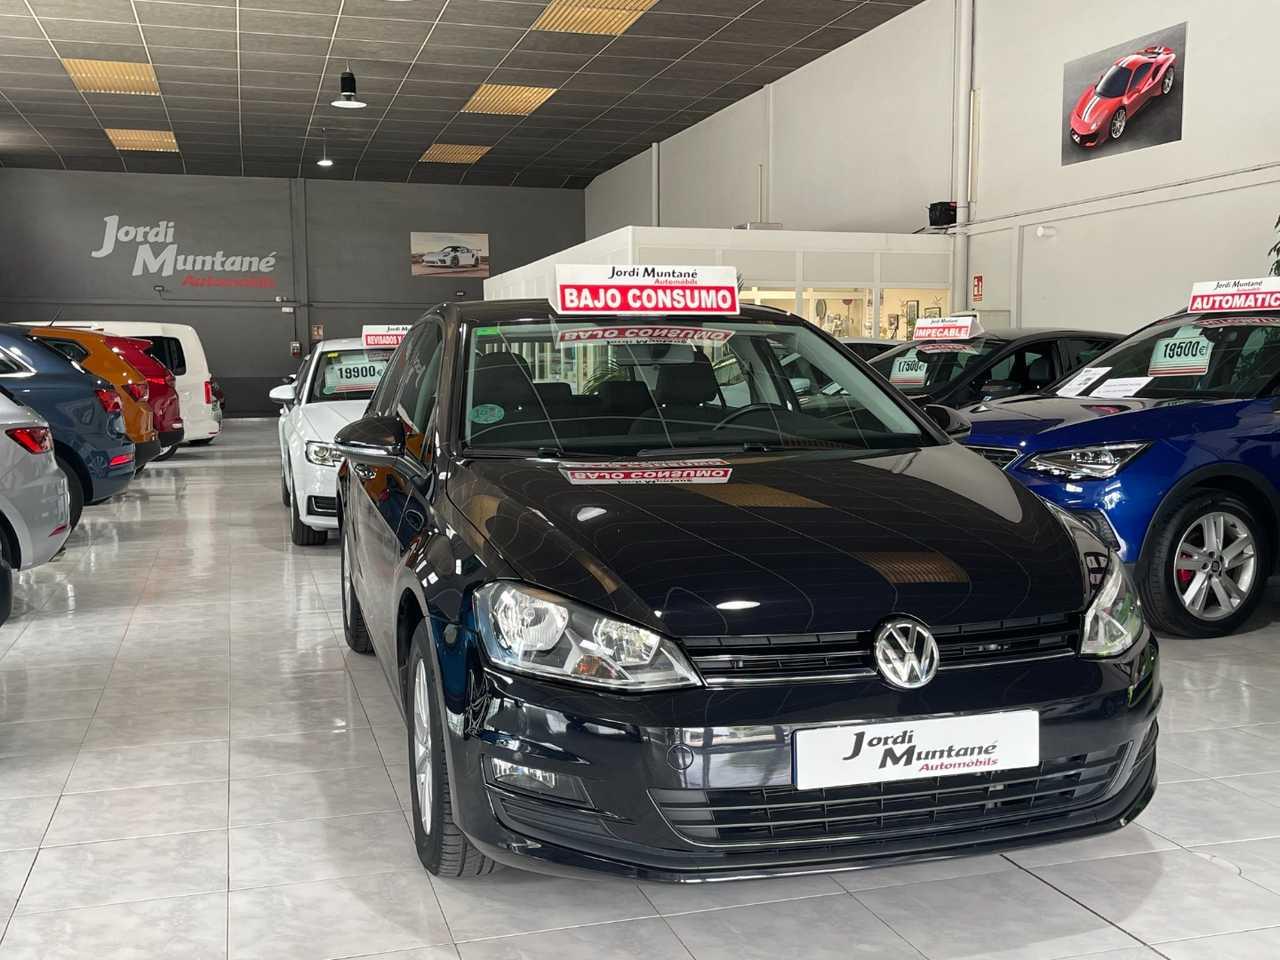 Volkswagen Golf VII 1.6TDI 110CV.-CR Bluemotion 5 Puertas.-